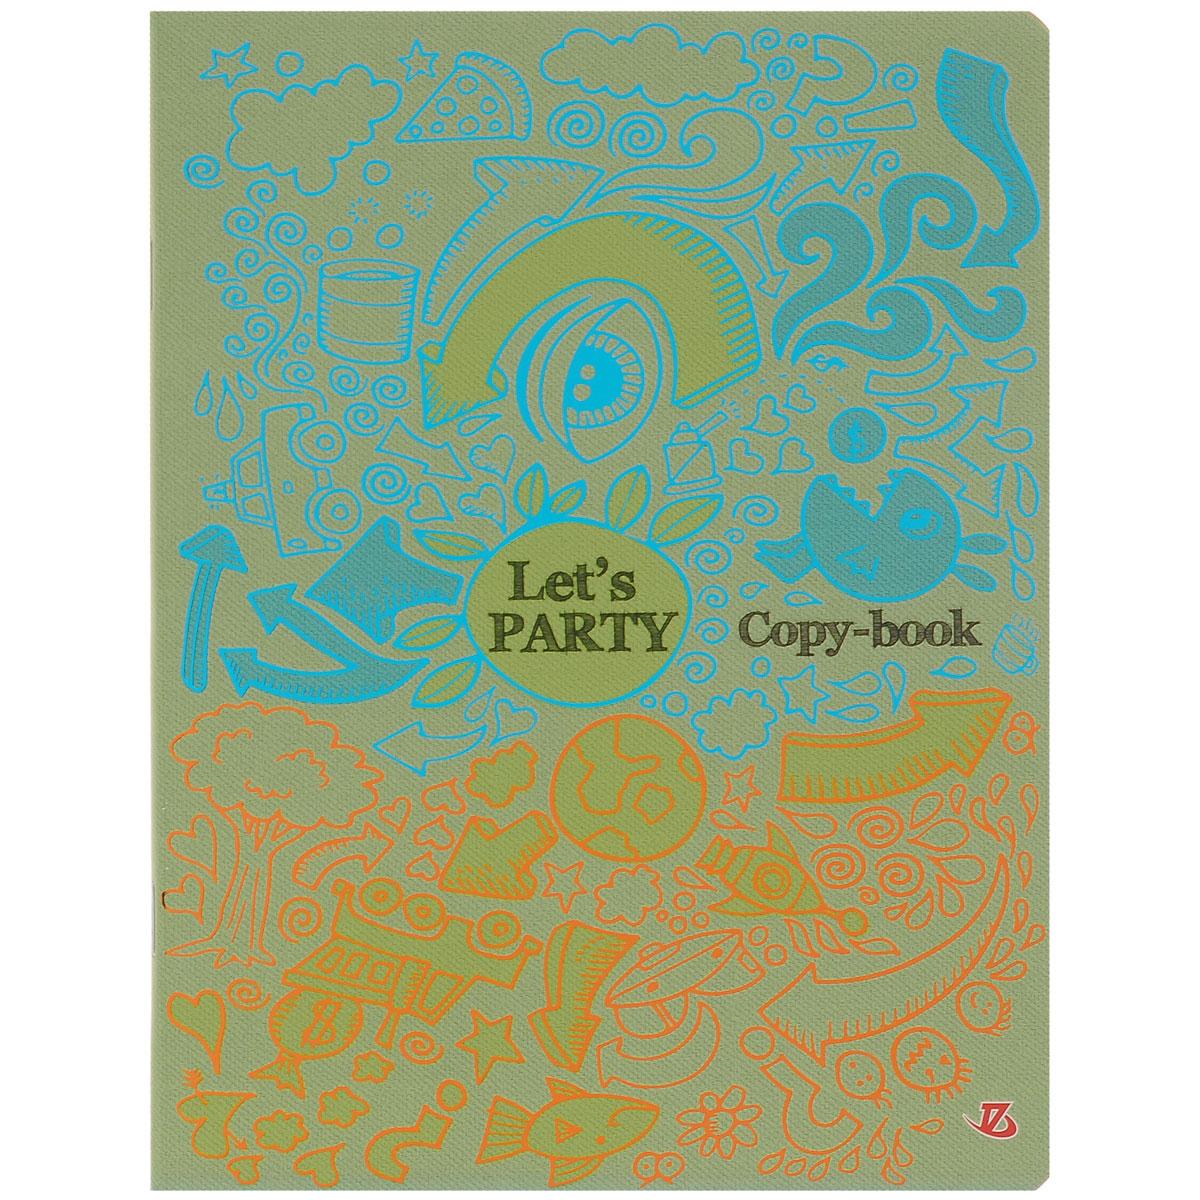 Тетрадь Lets party, 48 листов, формат А5, цвет: голубой, оранжевый72523WDТетрадь в клетку Lets party подойдет как студенту, так и школьнику. Обложка тетради выполнена из картона и украшена ярким изображением с медным и бирюзовым теснением. Внутренний блок состоит из 48 листов офсетной бумаги, способ крепления - скрепка. Линовка листов стандартная - в клетку. Внутри содержатся страничка для заполнения личных данных.